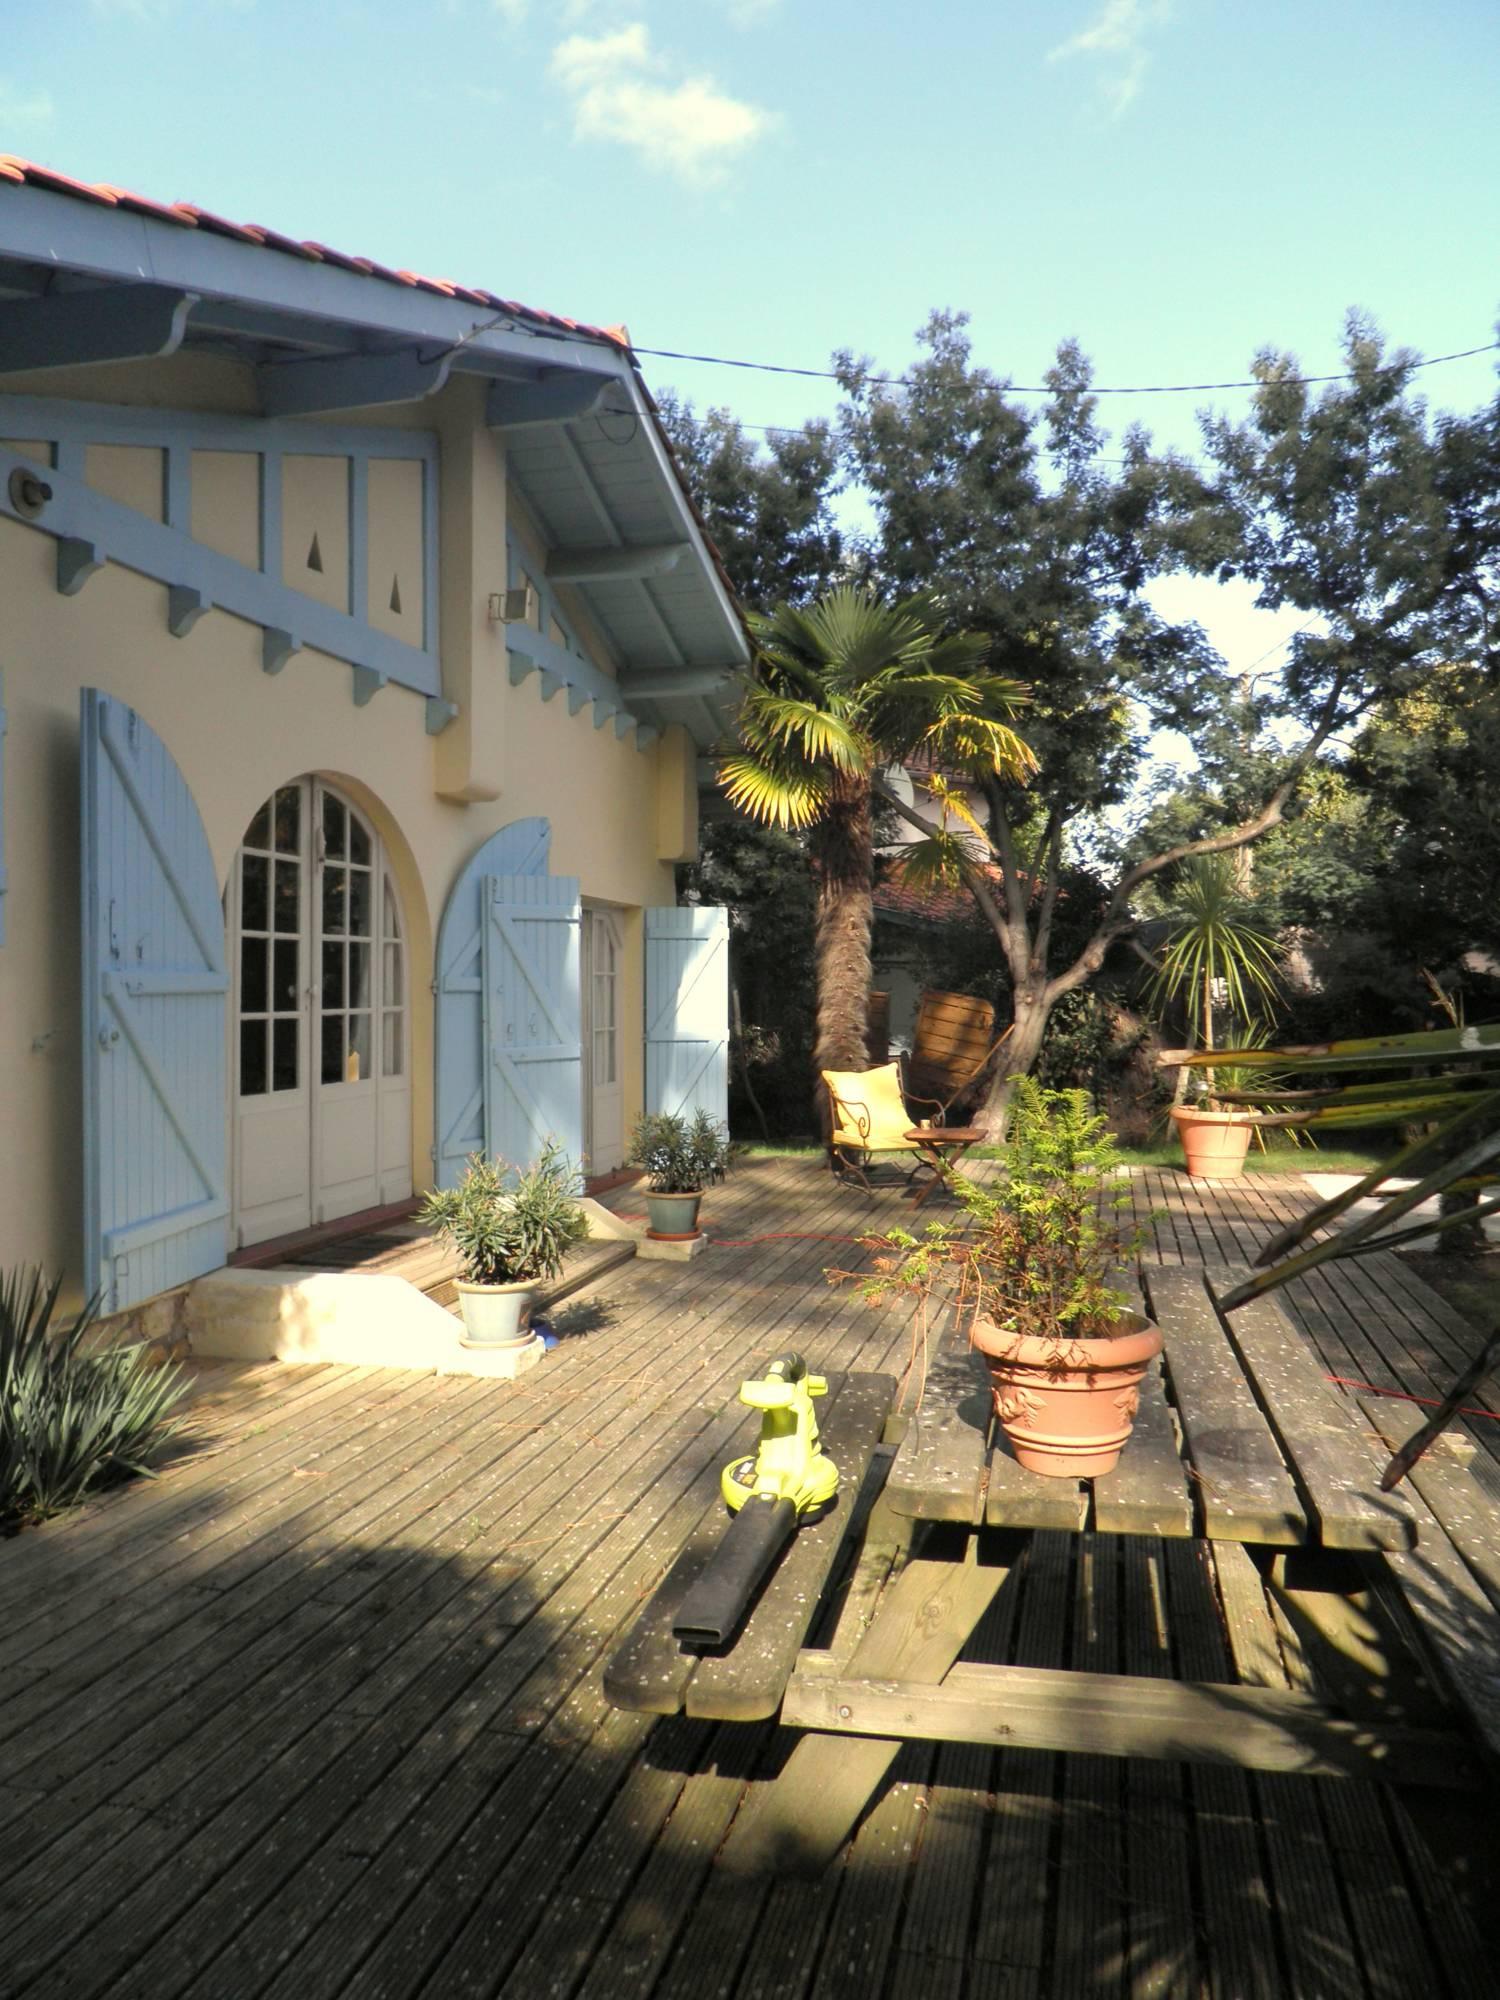 Location maison de vacances 3 chambres avec jardin et belle terrasse à louer aux Abatilles ...